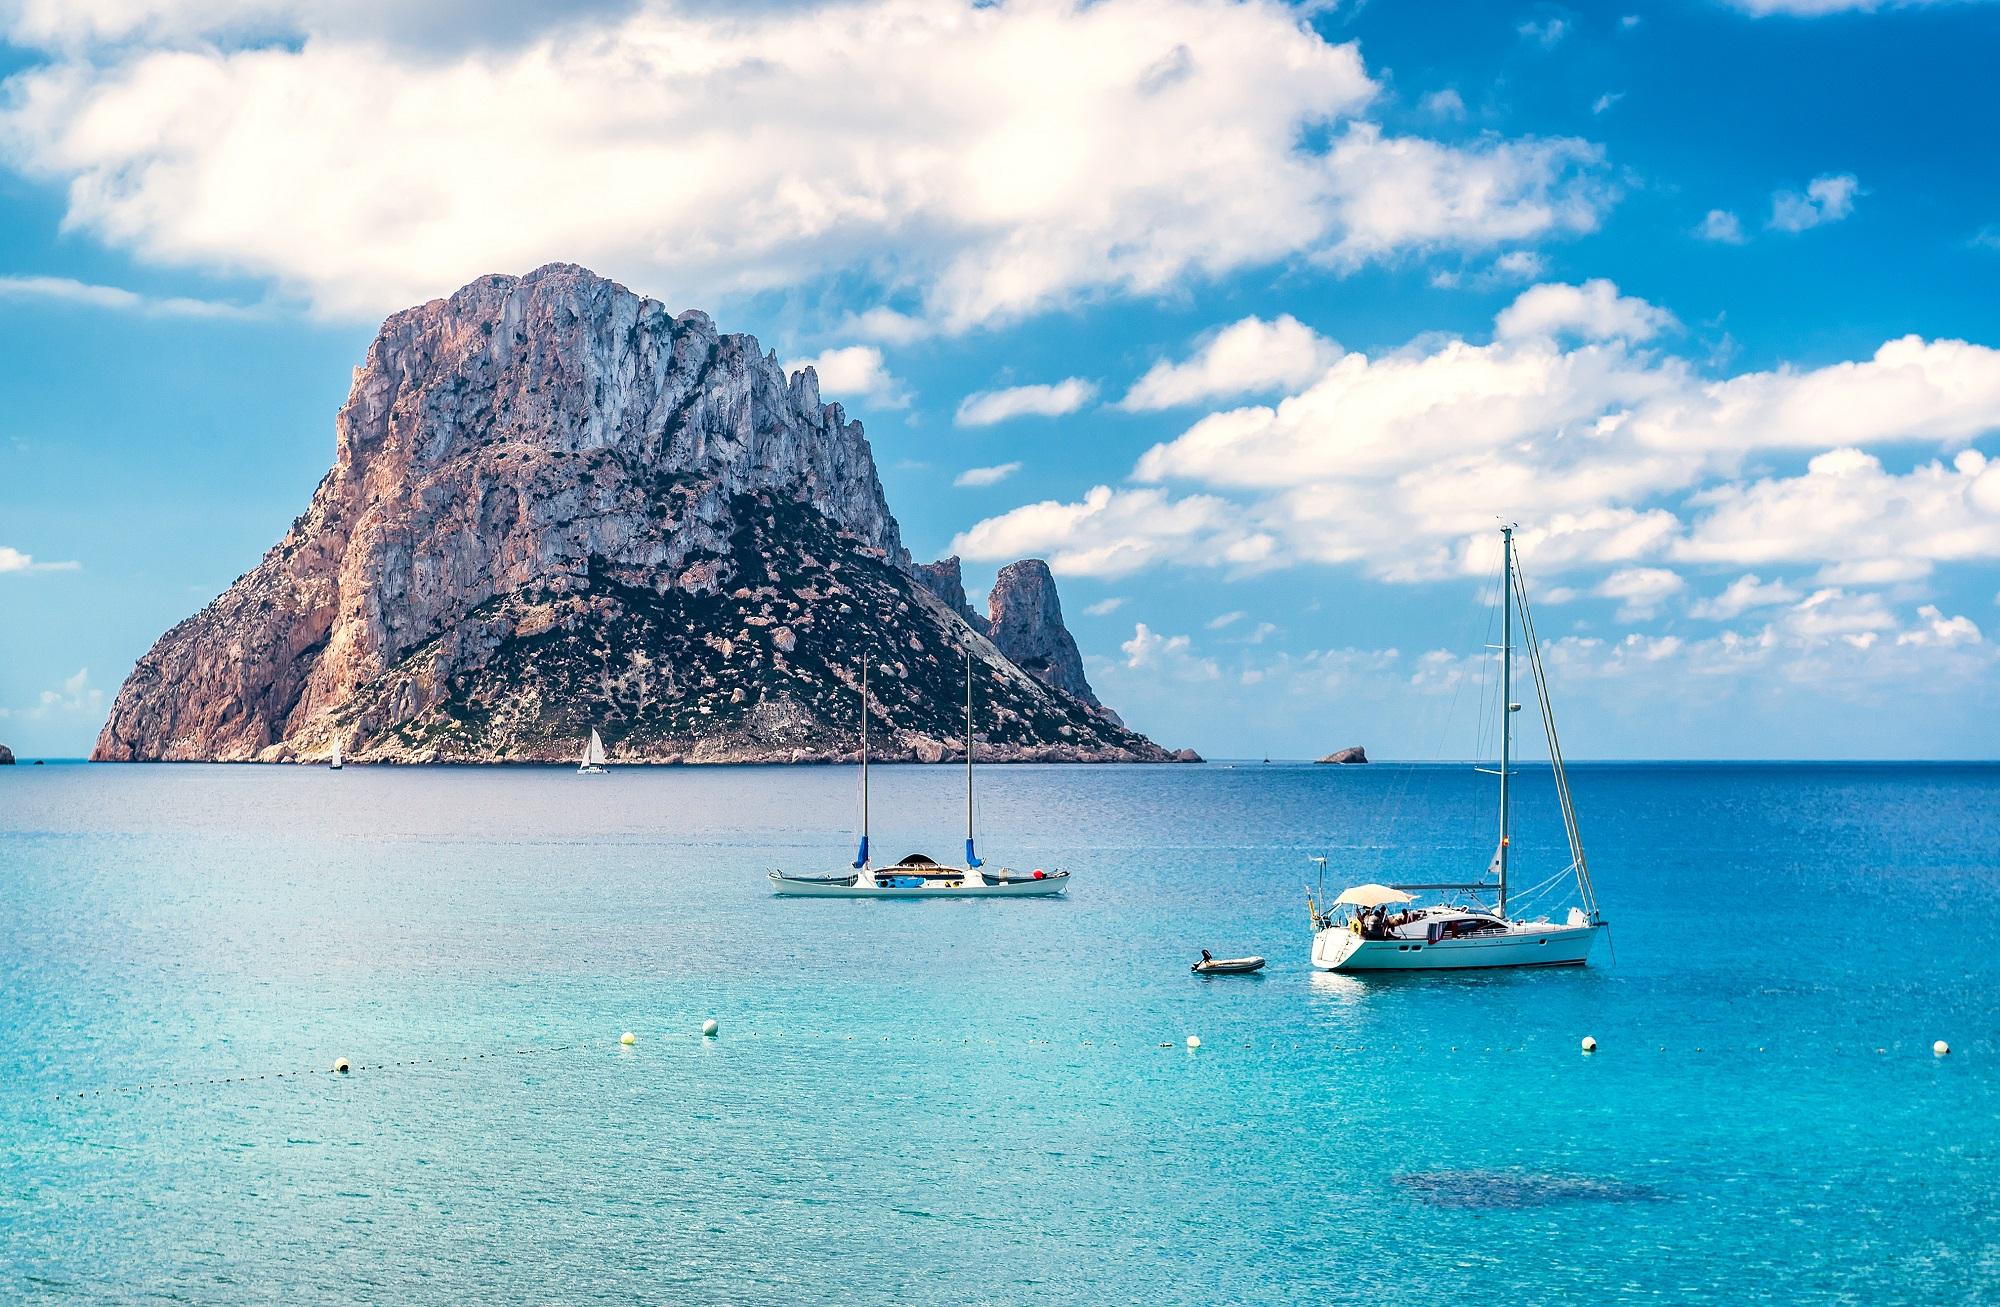 Flüge nach Ibiza von Düsseldorf/Weeze für 39,98€ Hin- und Rückflug im April